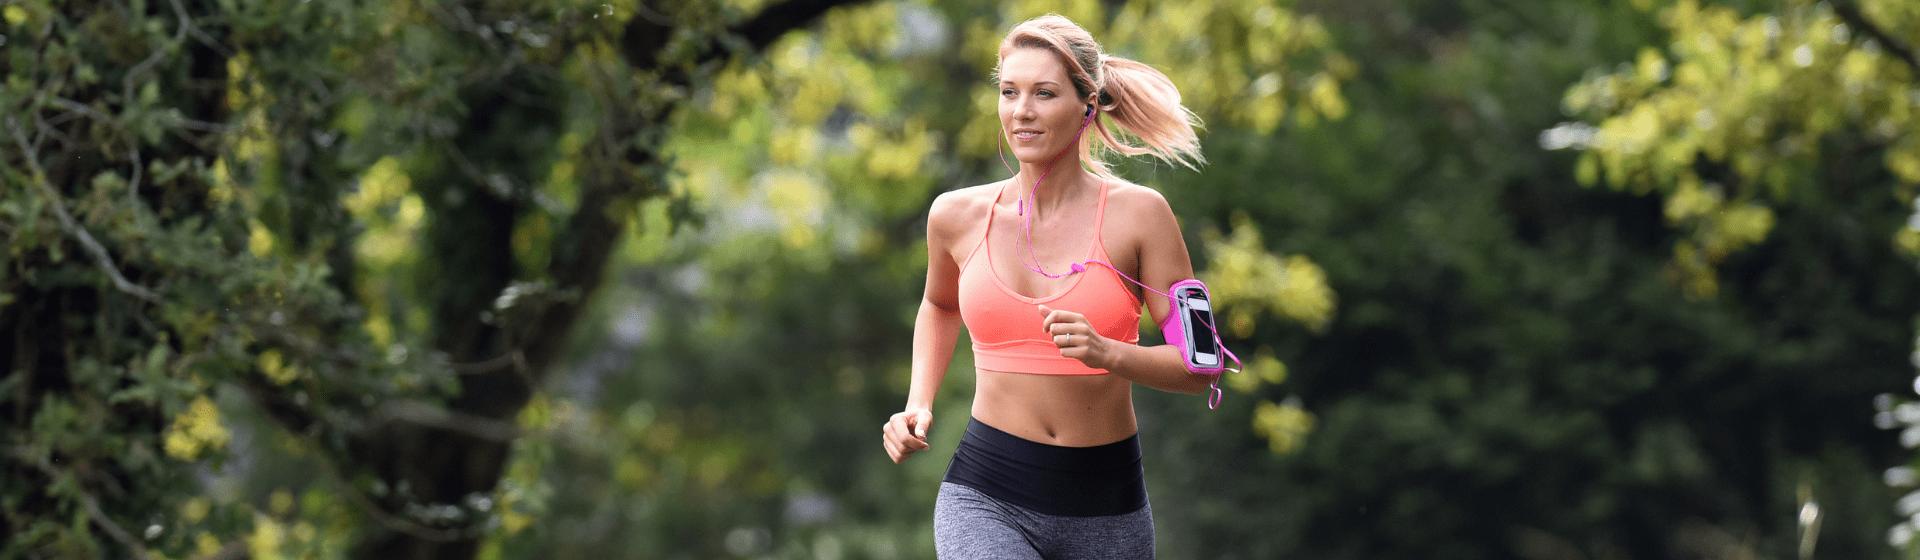 Como começar a correr? Dicas e acessórios que você precisa ter para iniciar